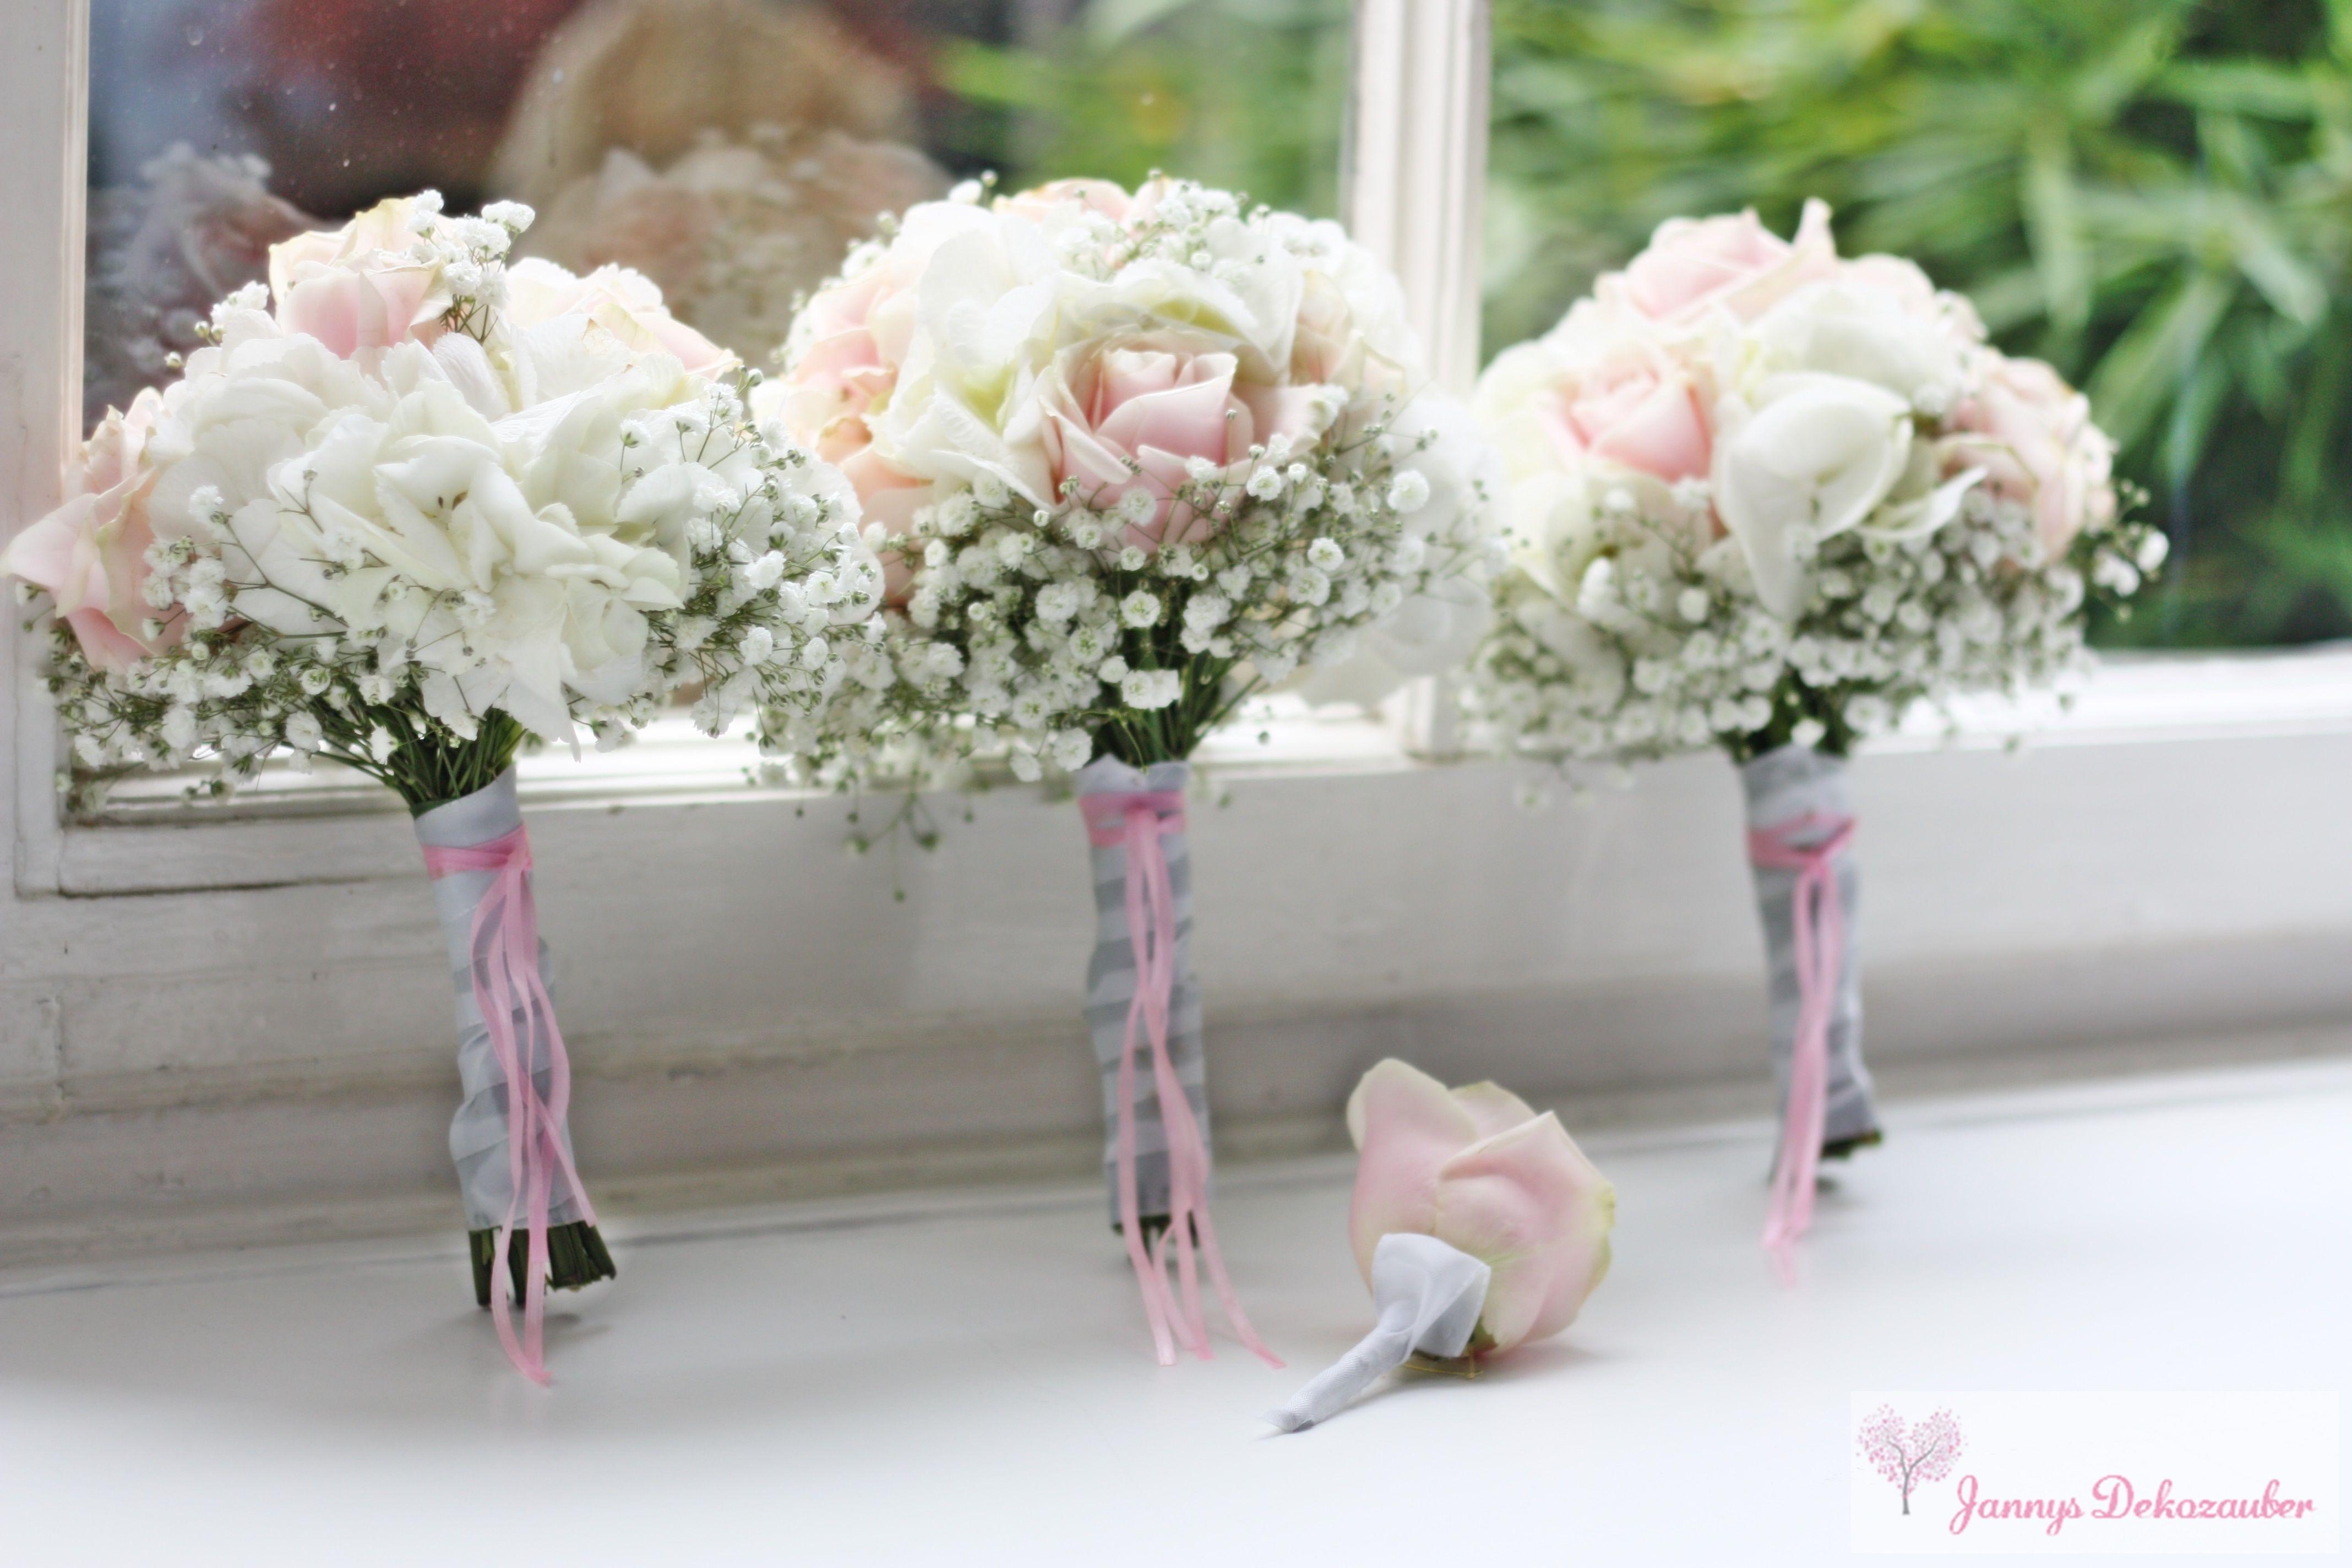 brautjunger str u e trazeugin strau trauzeuge anstecker rosa passend hochzeitsdeko tischdeko. Black Bedroom Furniture Sets. Home Design Ideas